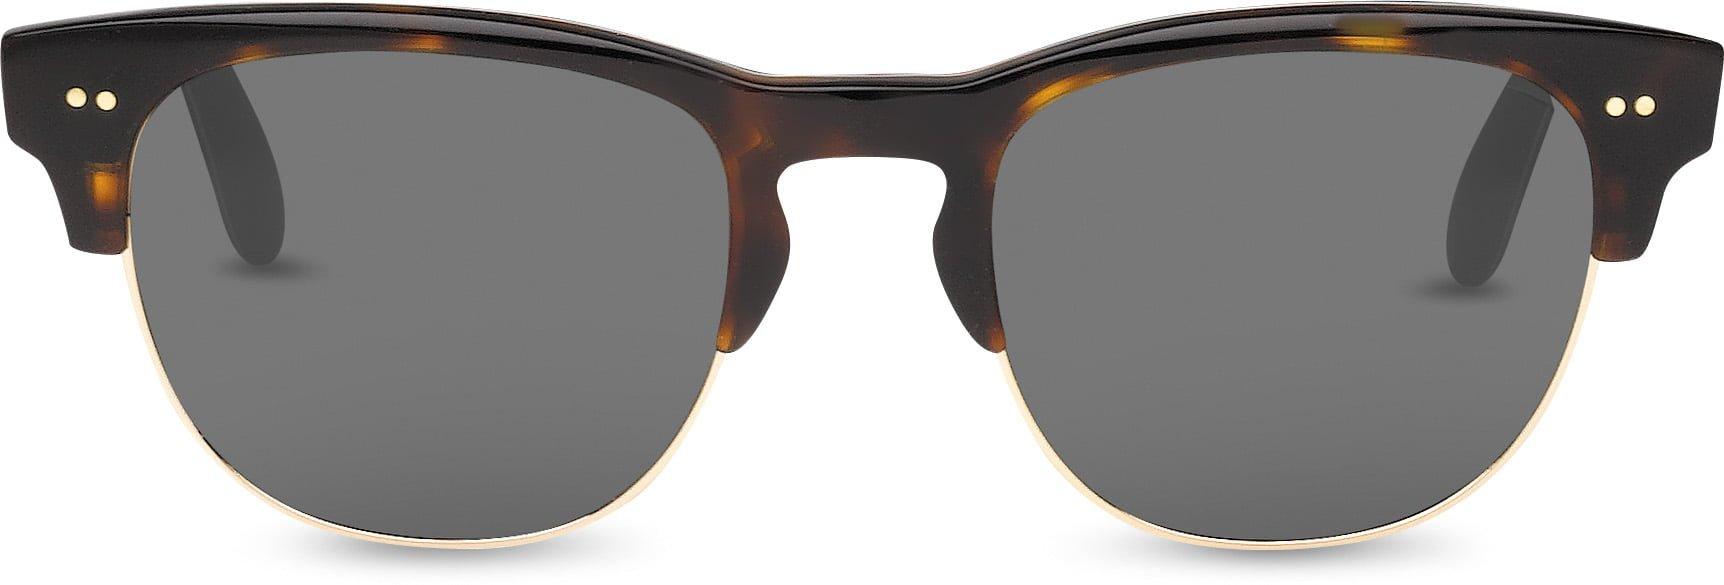 TOMS and Jonathan Adler Lobamba Eyewear - Front